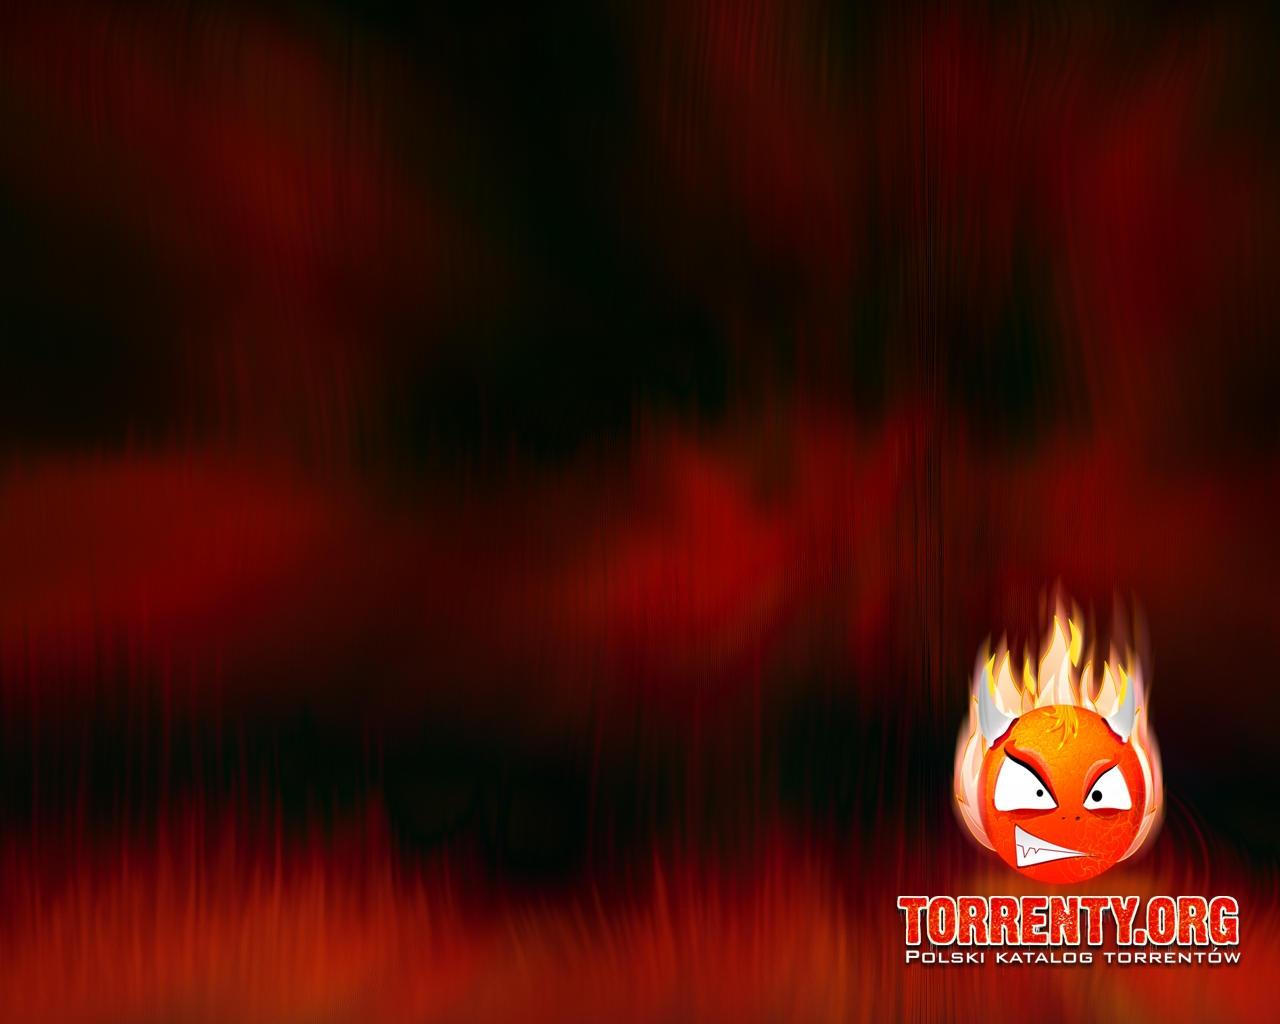 Torrenty.org 3 by havocki